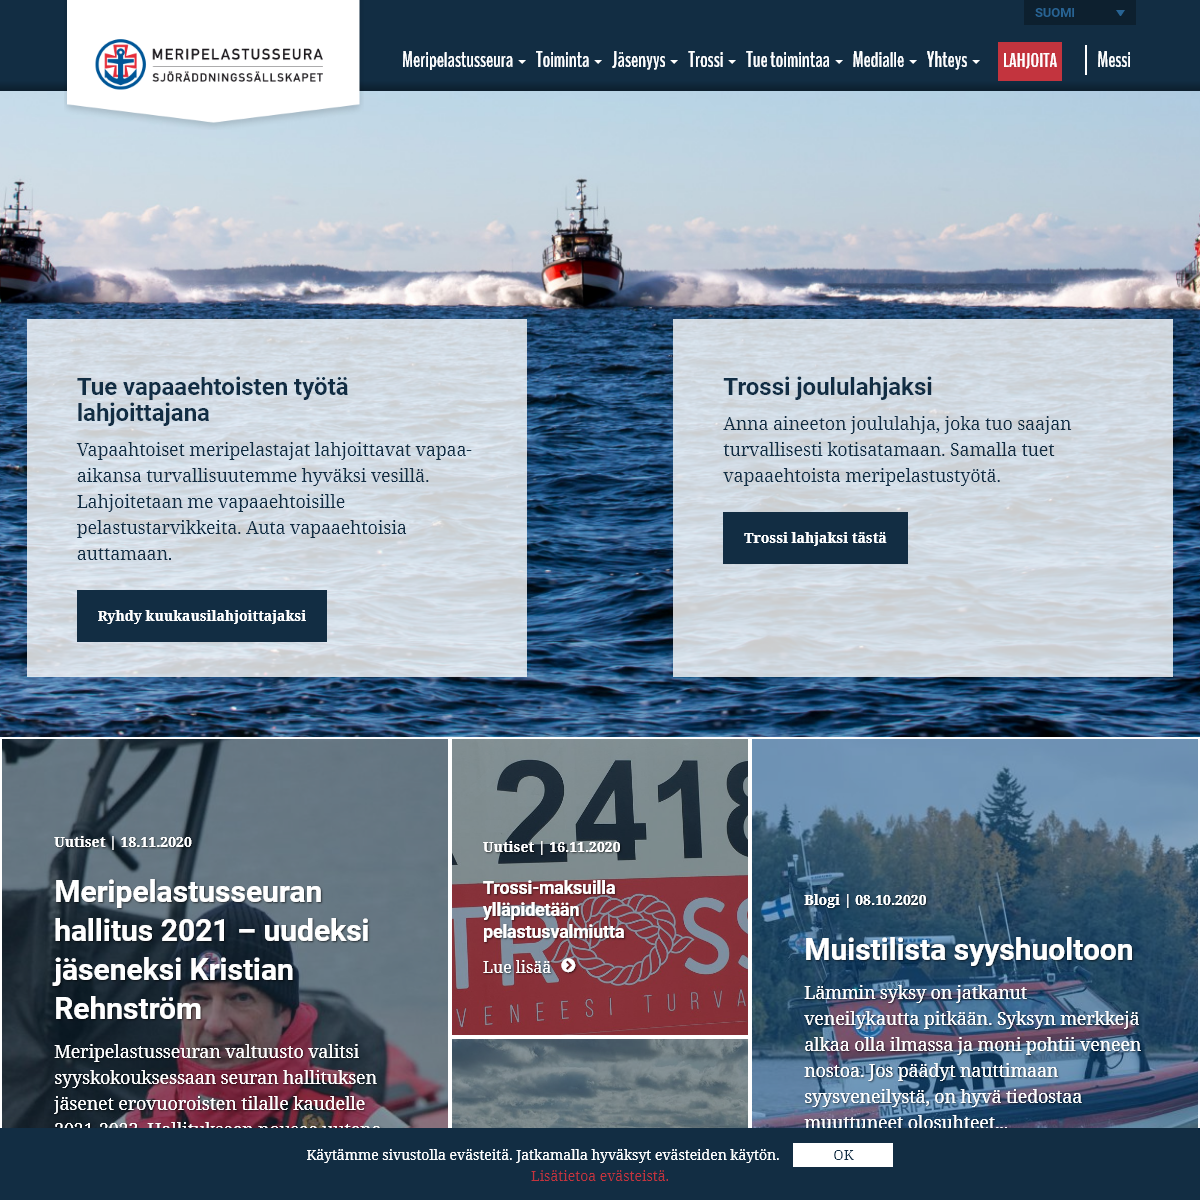 Vapaaehtoiset apunasi vesillä - Suomen Meripelastusseura